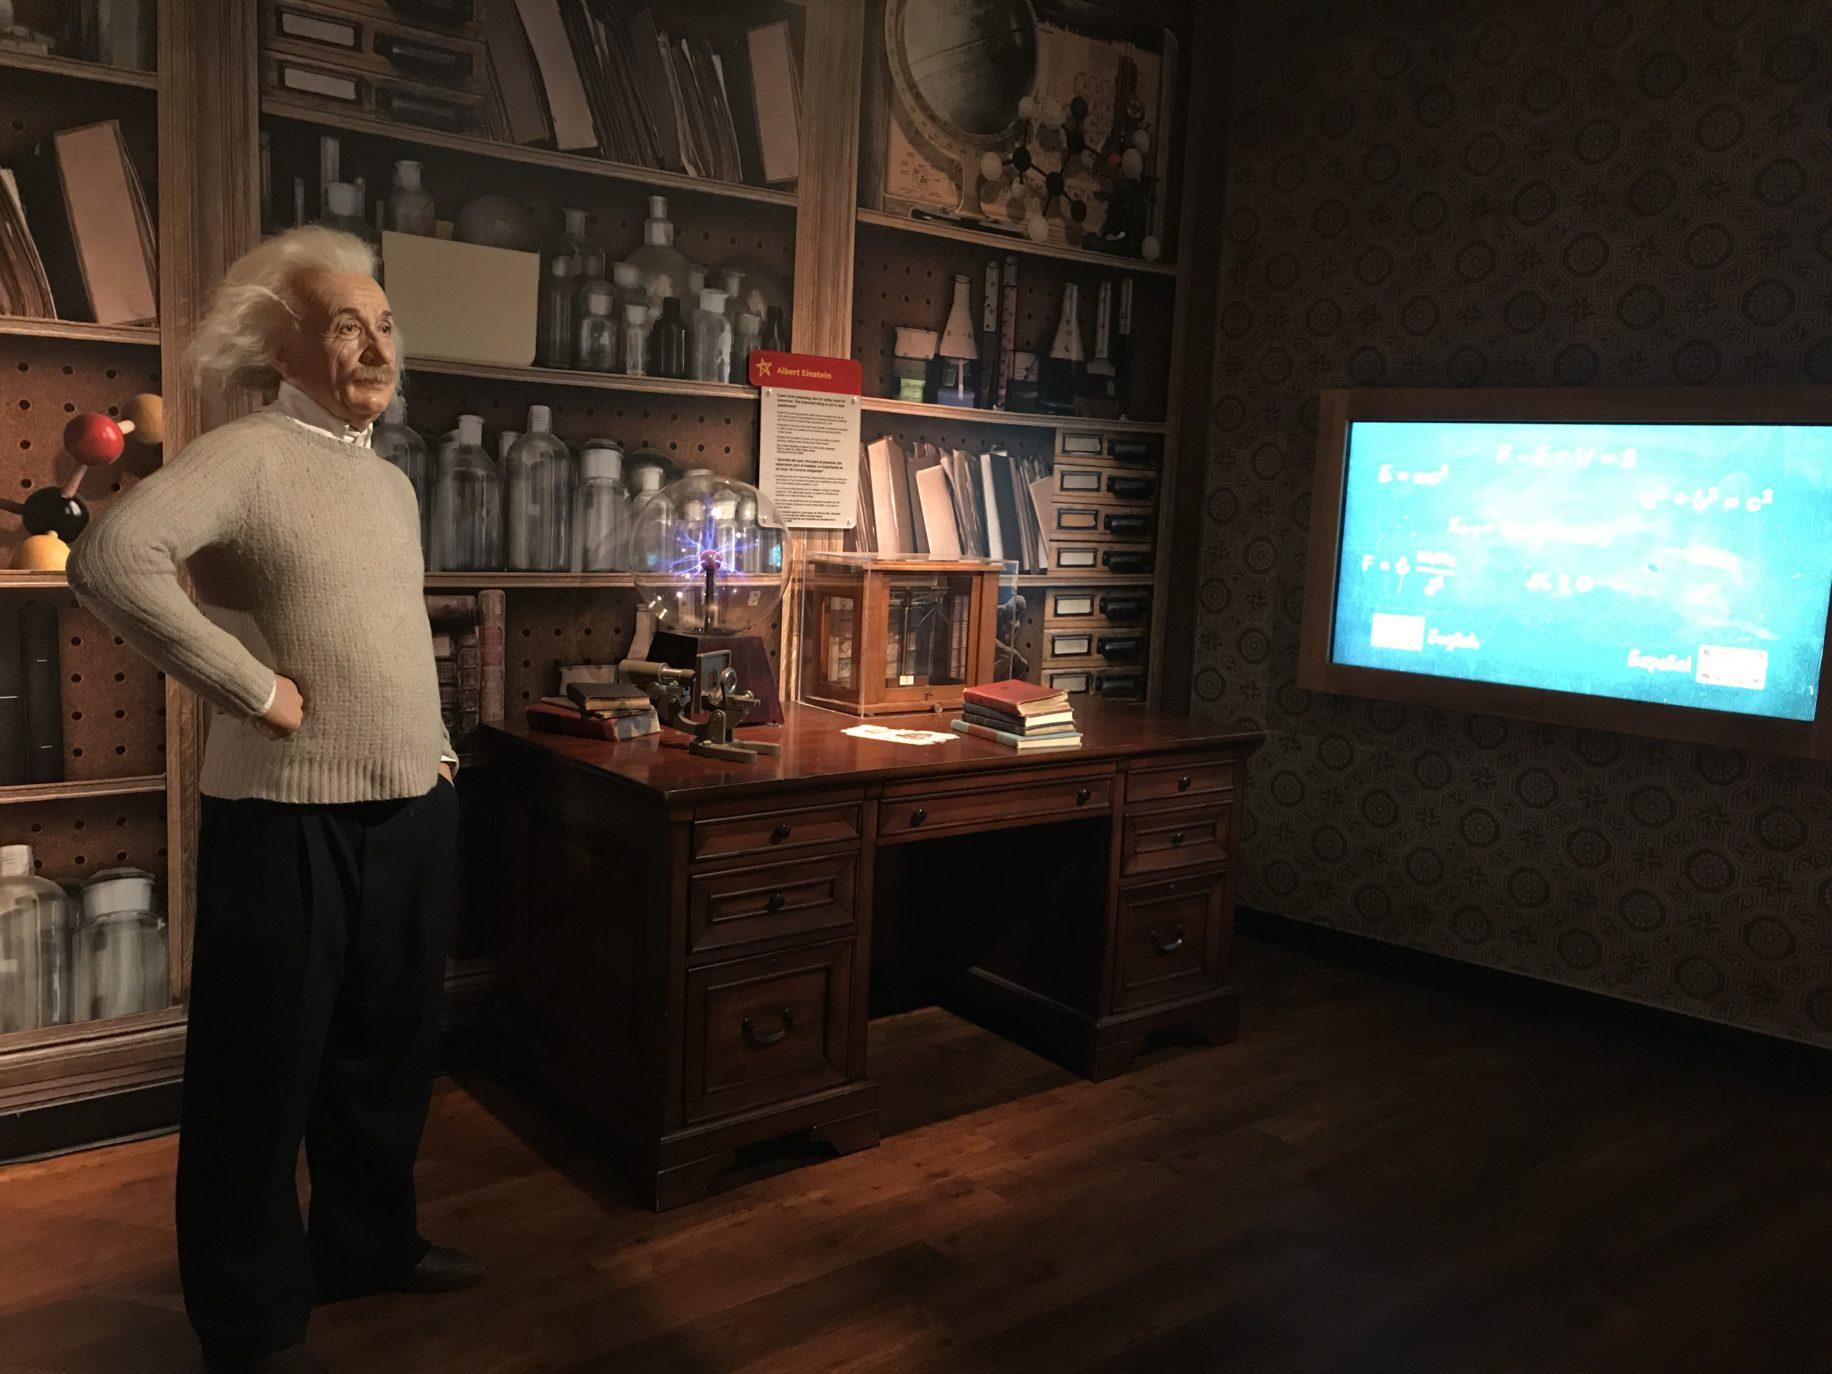 Einstein \ Image: Dakster sullivan